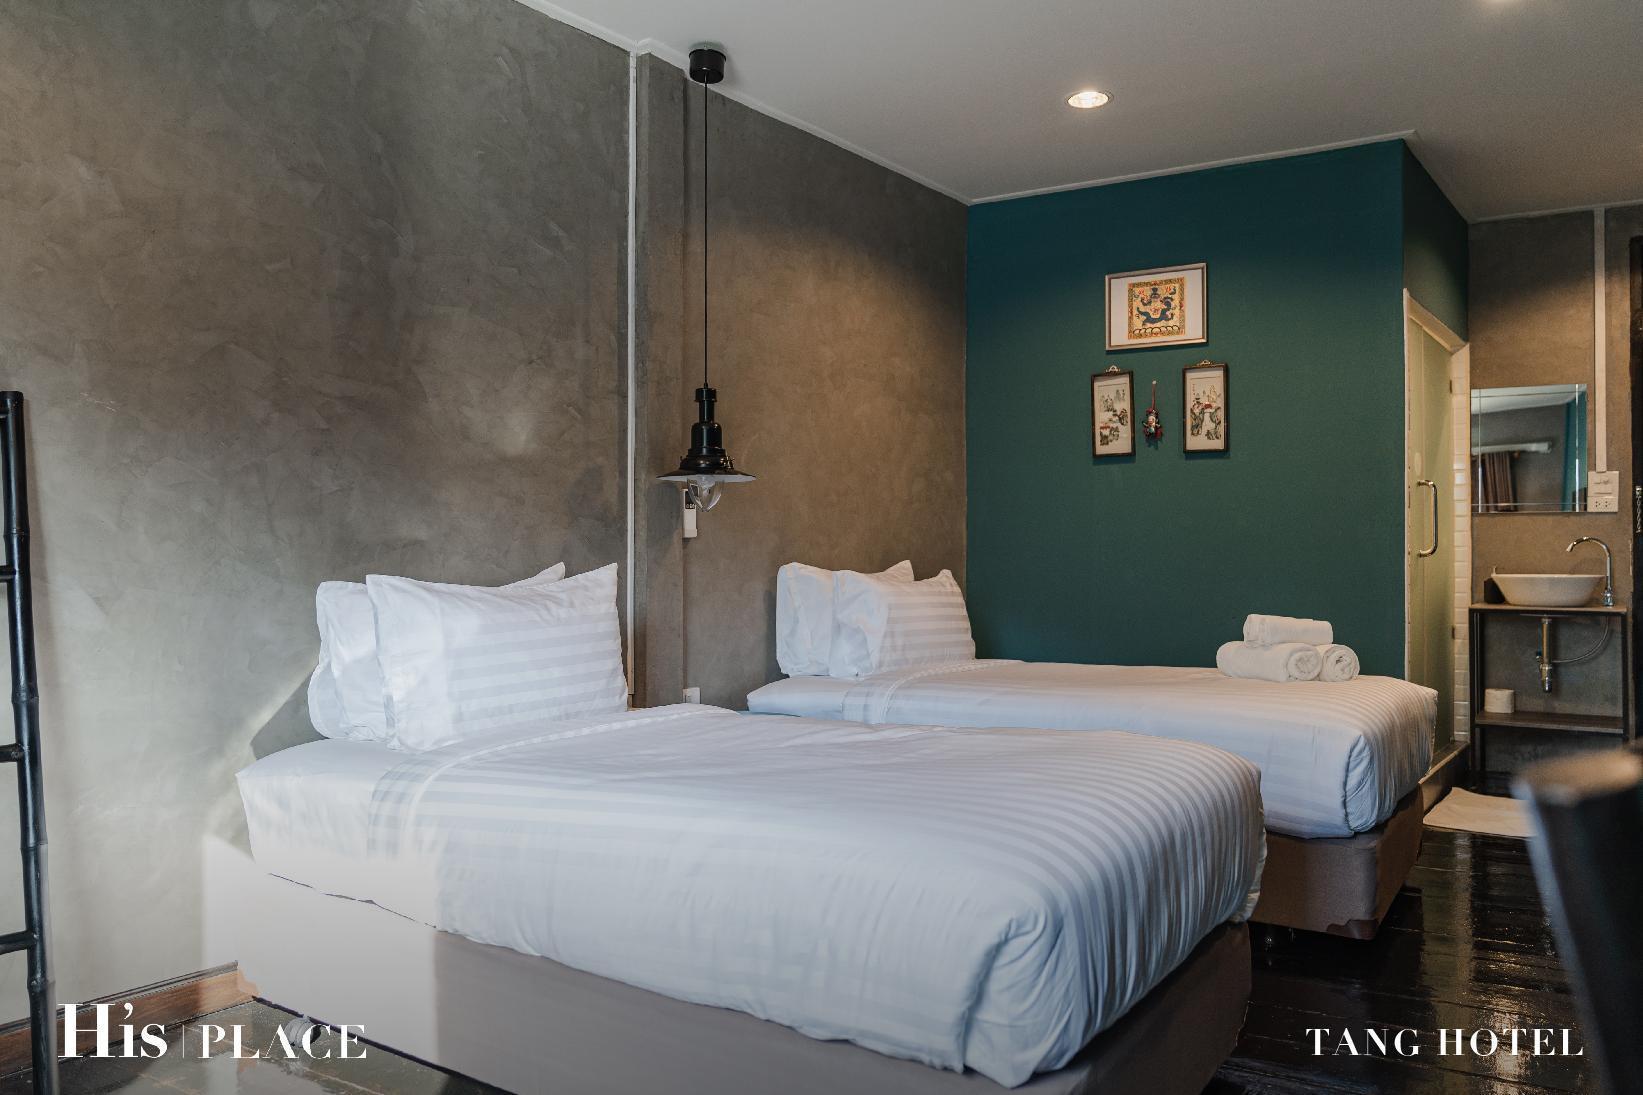 Tang House  - Loft บ้านเดี่ยว 1 ห้องนอน 1 ห้องน้ำส่วนตัว ขนาด 24 ตร.ม. – ประตูน้ำ